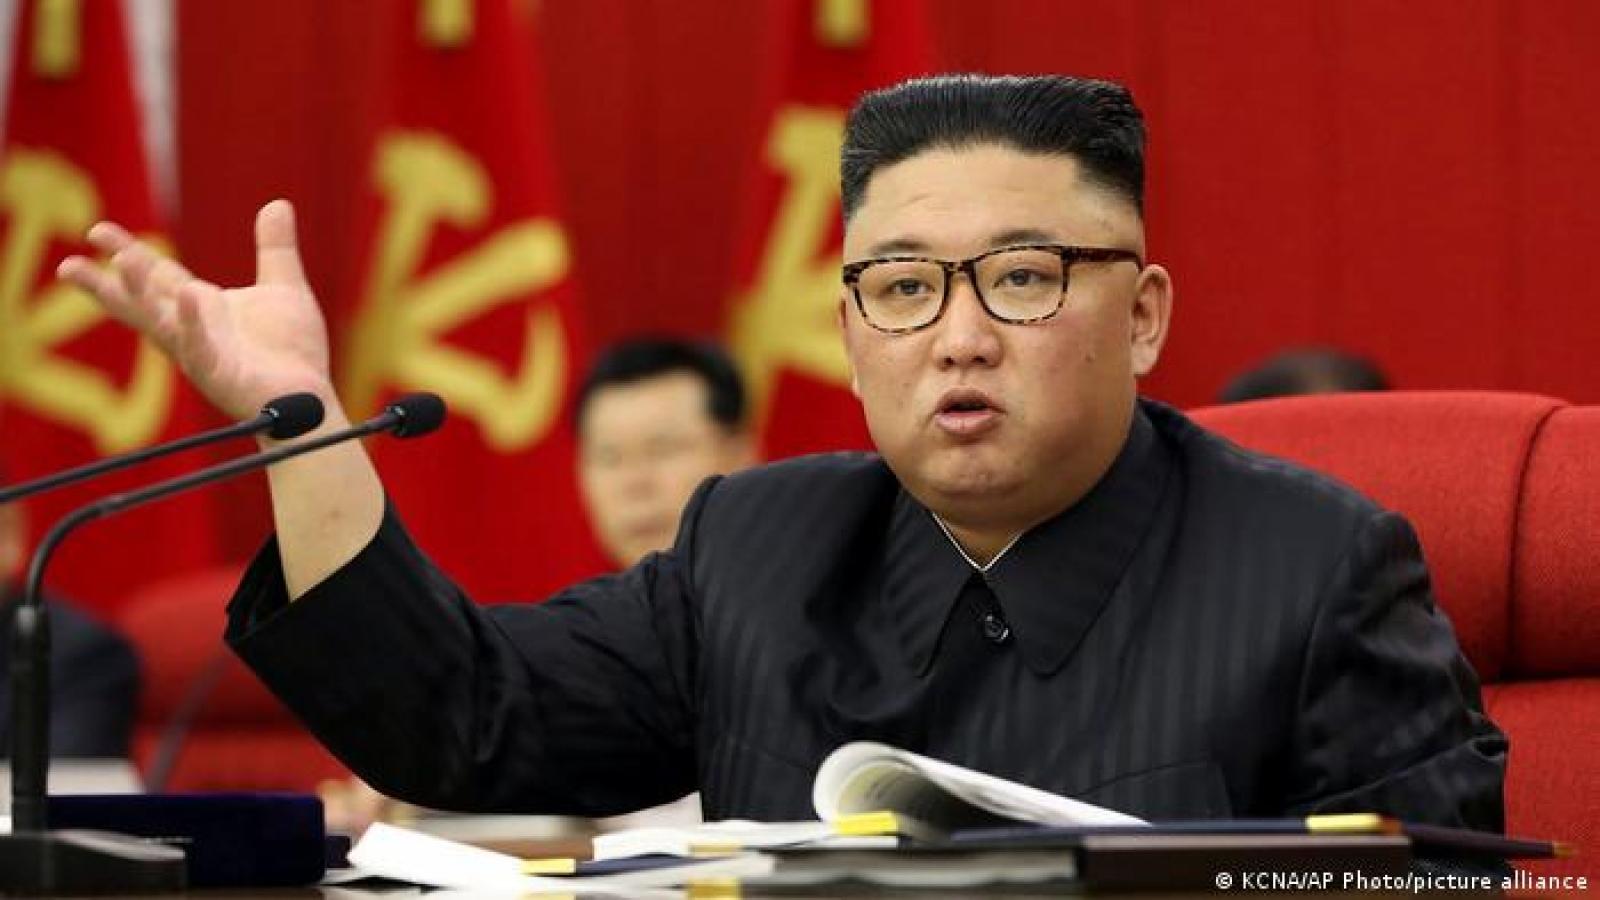 Bán đảo Triều Tiên trong khoảng lặng trước cơn bão?